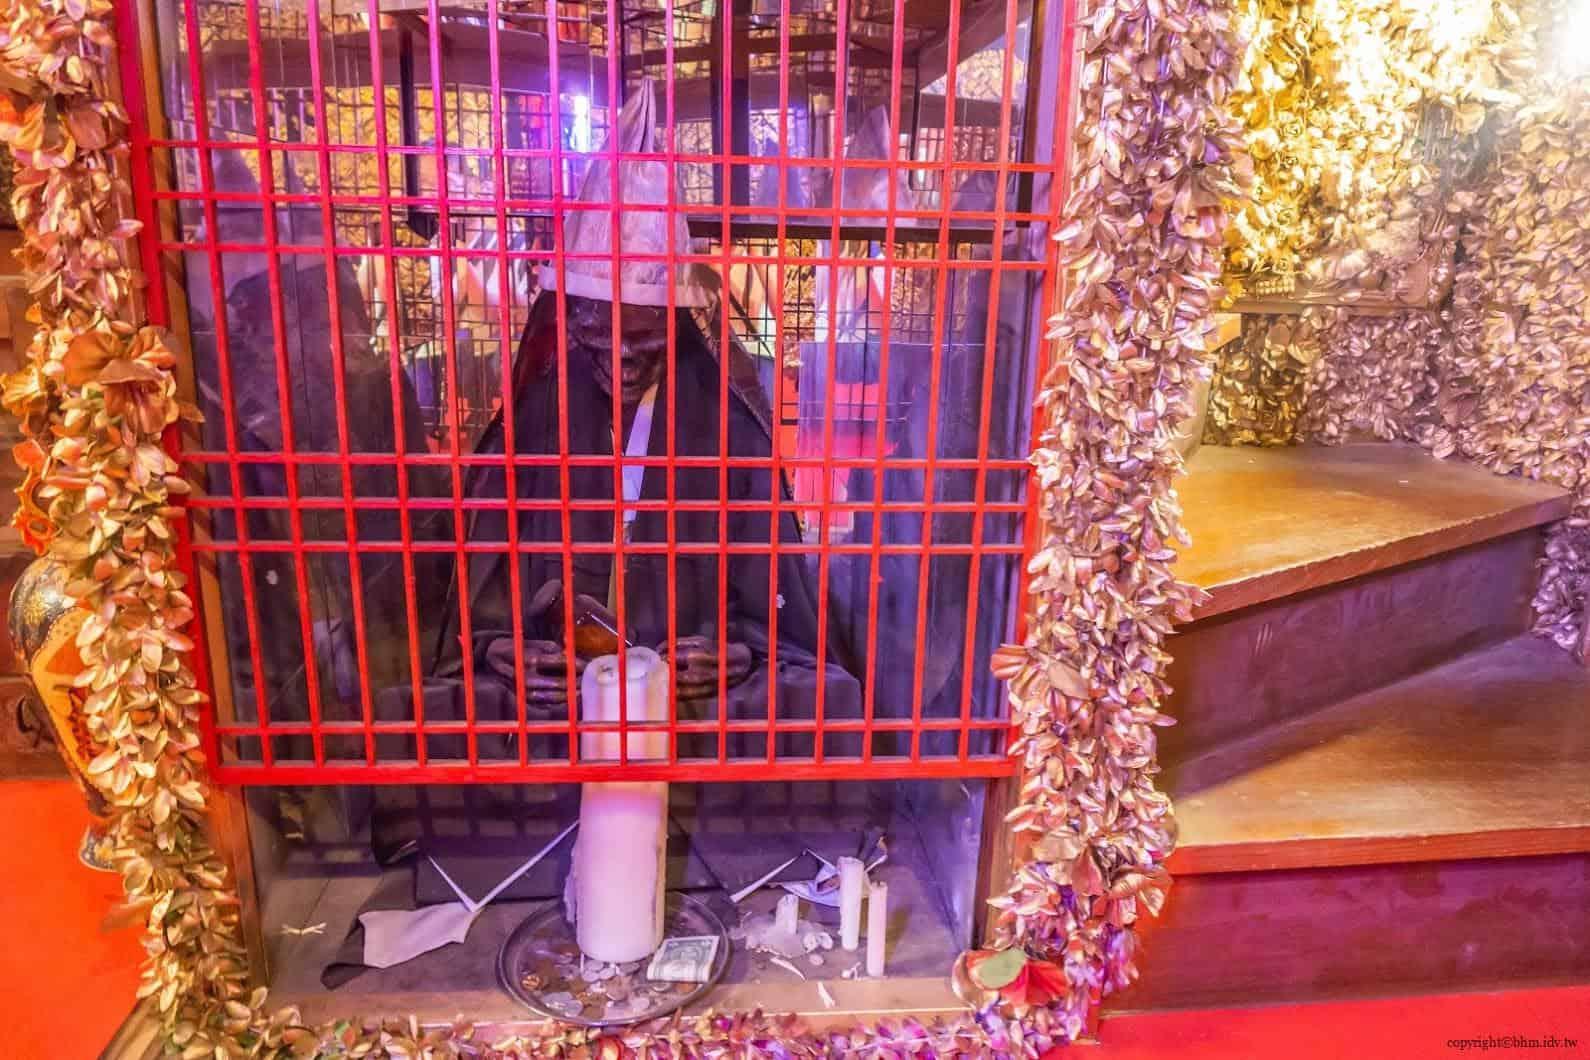 豊福亮,黃金遊戲場,違和的錯亂彷彿進入另一個異次元空間;詭異的乾屍,會一整個錯亂無法想像擺在這裡的原因 黃金遊戲場 黃金遊戲場 golden playroom 15